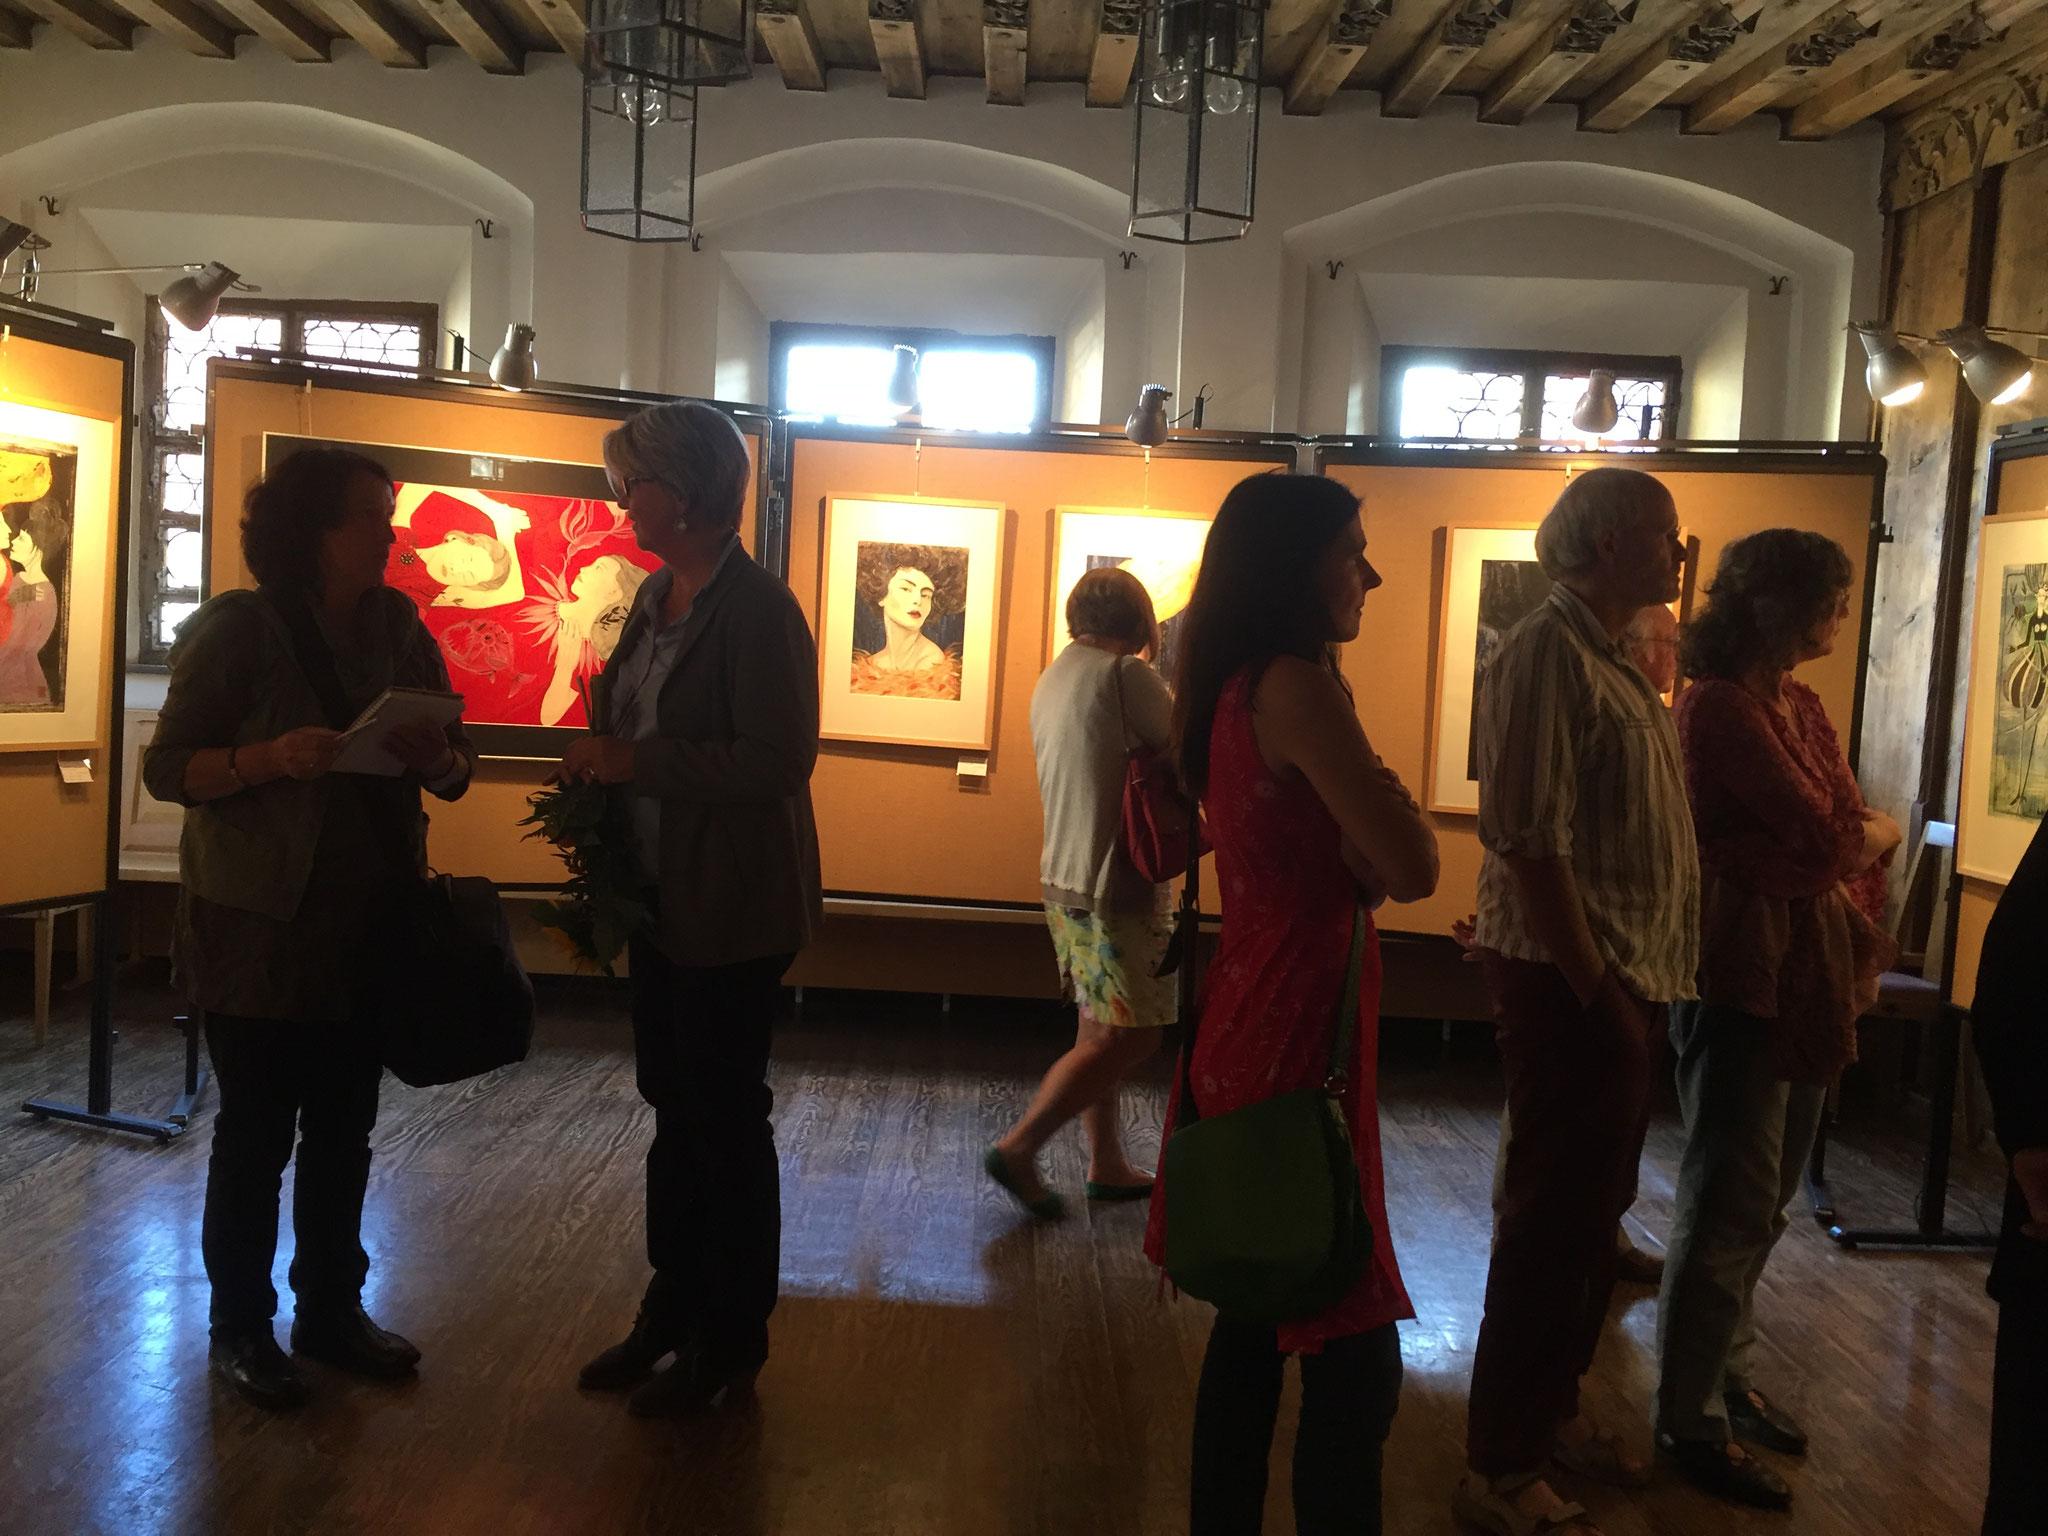 Austellung der Bilder von Monika Veth - Monika Veth (zweite von links) beim Interview